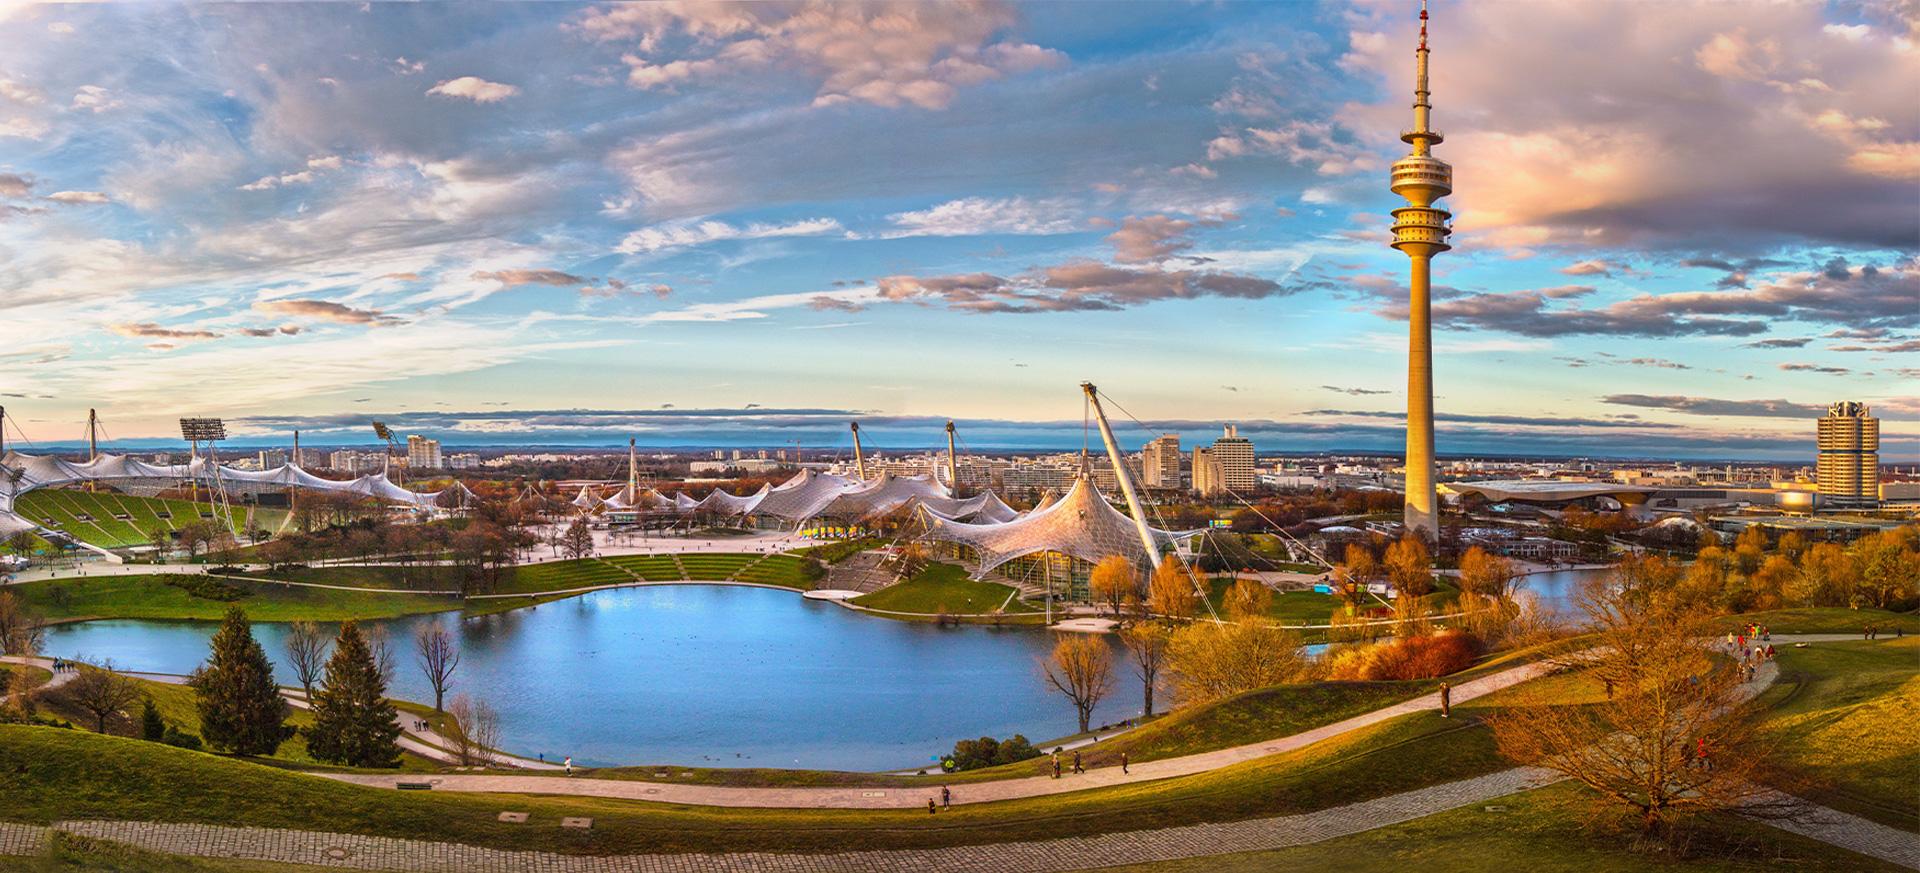 Ein Blick auf die Skyline von München und den Olympiapark.